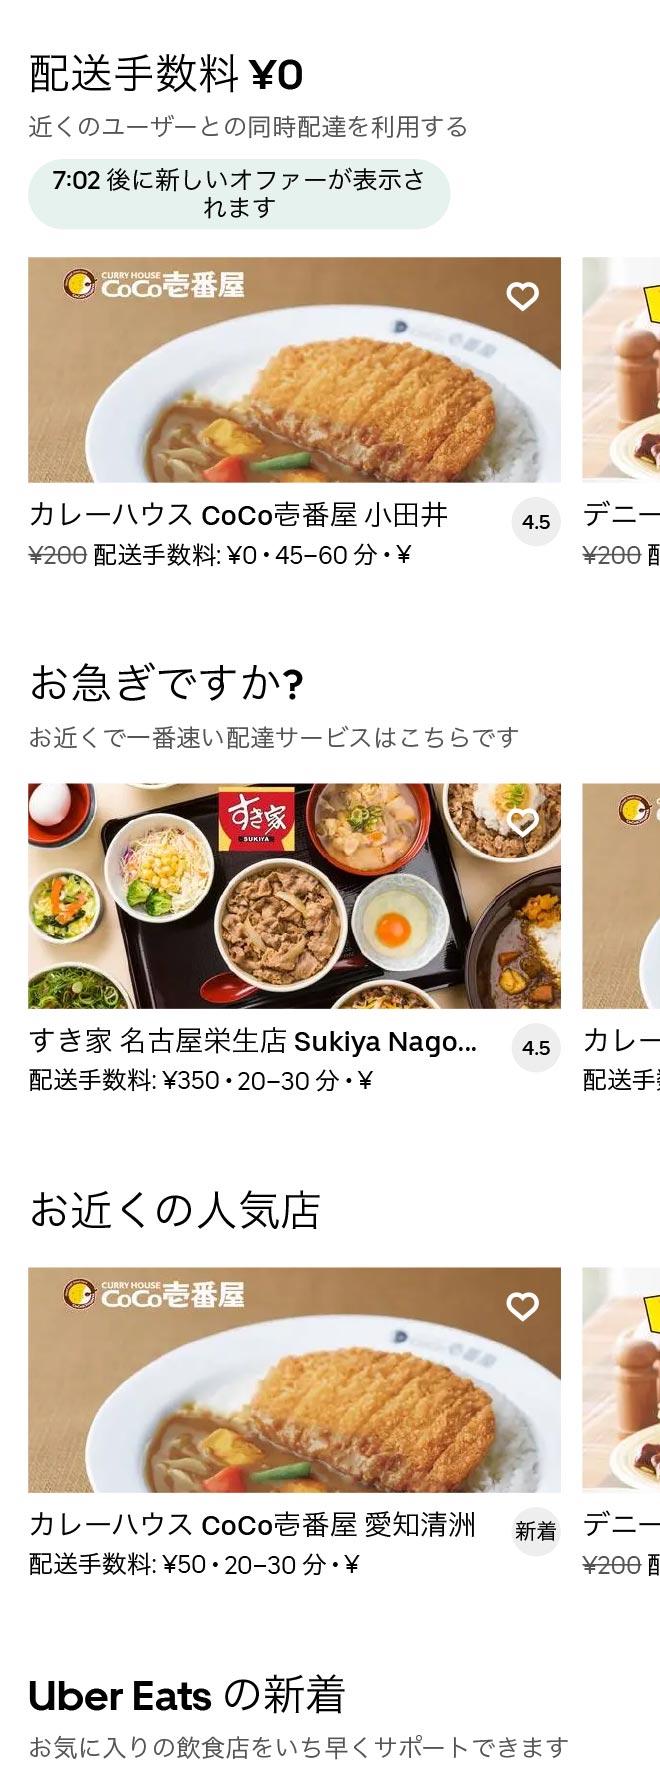 Hoshinomiya menu 2010 01